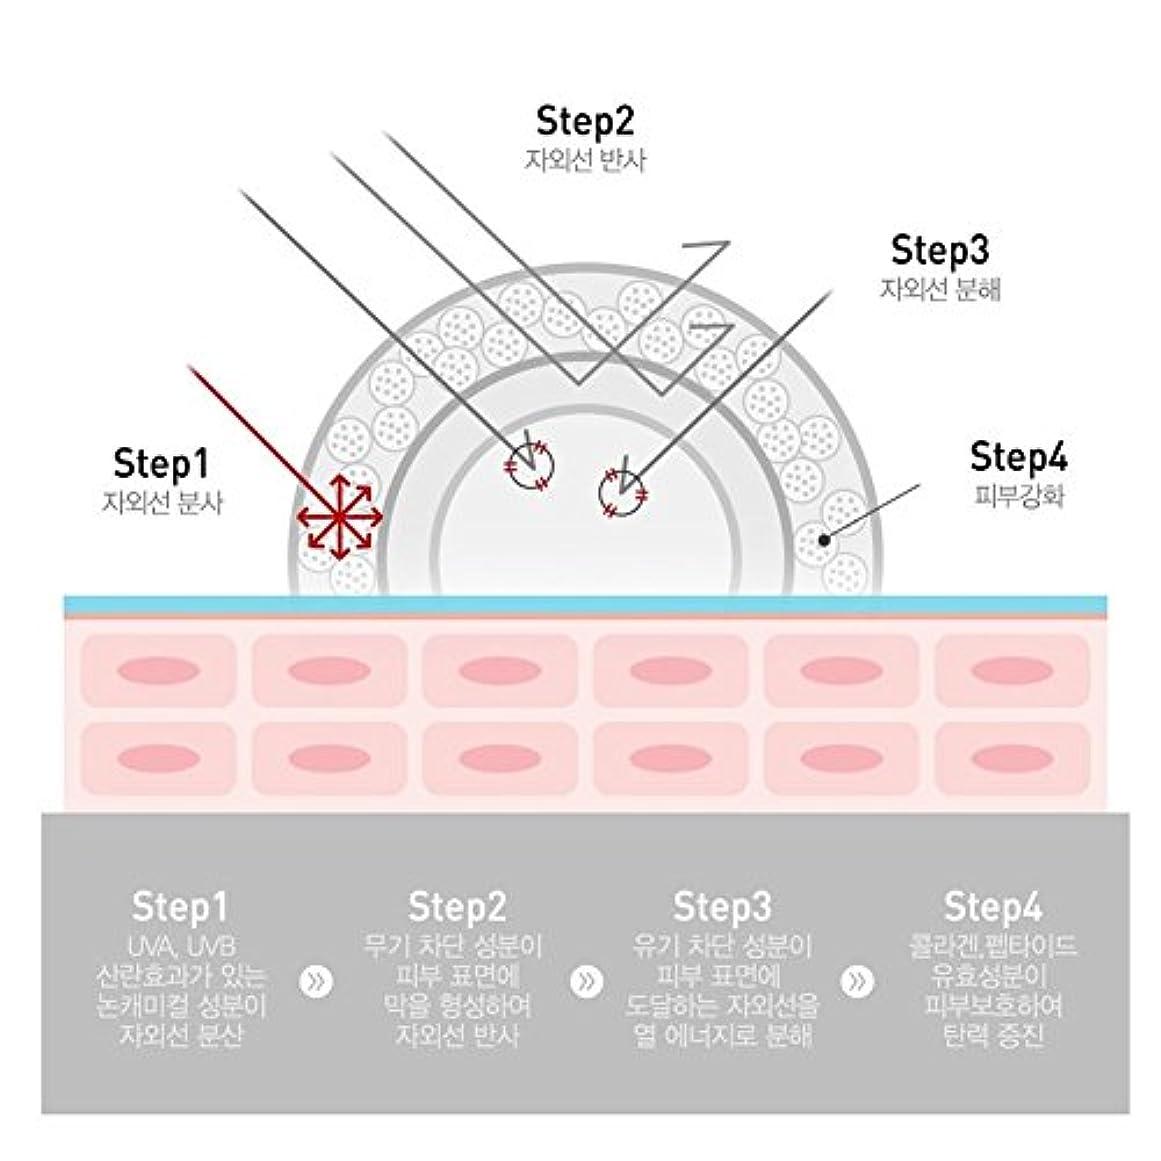 麻痺させる送信する血まみれのセルピュチョンCレーザーサンスクリーン100(SPF50+/PA+++)50ml、Cell Fusion C Laser Sunscreen 100 (SPF50+ / PA+++) 50ml [並行輸入品]